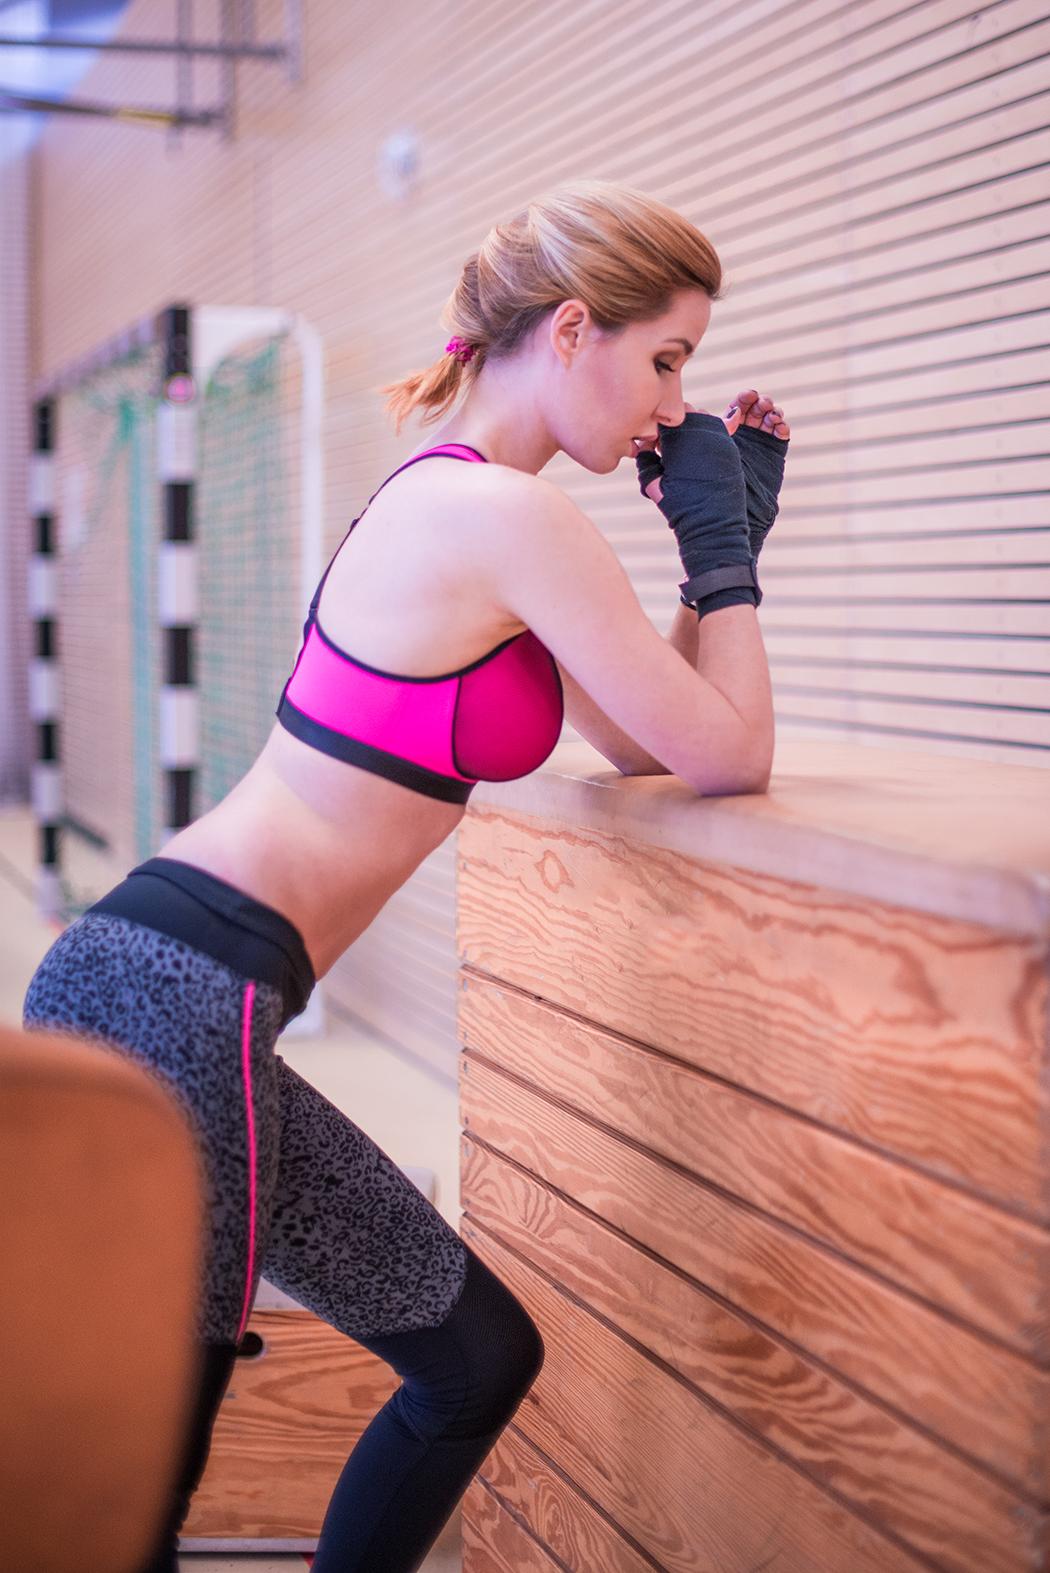 Fitnessblog-Fitnessblogger-Fitness-Blog-Blogger-Kickboxen-Hunkemoller-Muenchen-Deutschland-Lindarella-3-web